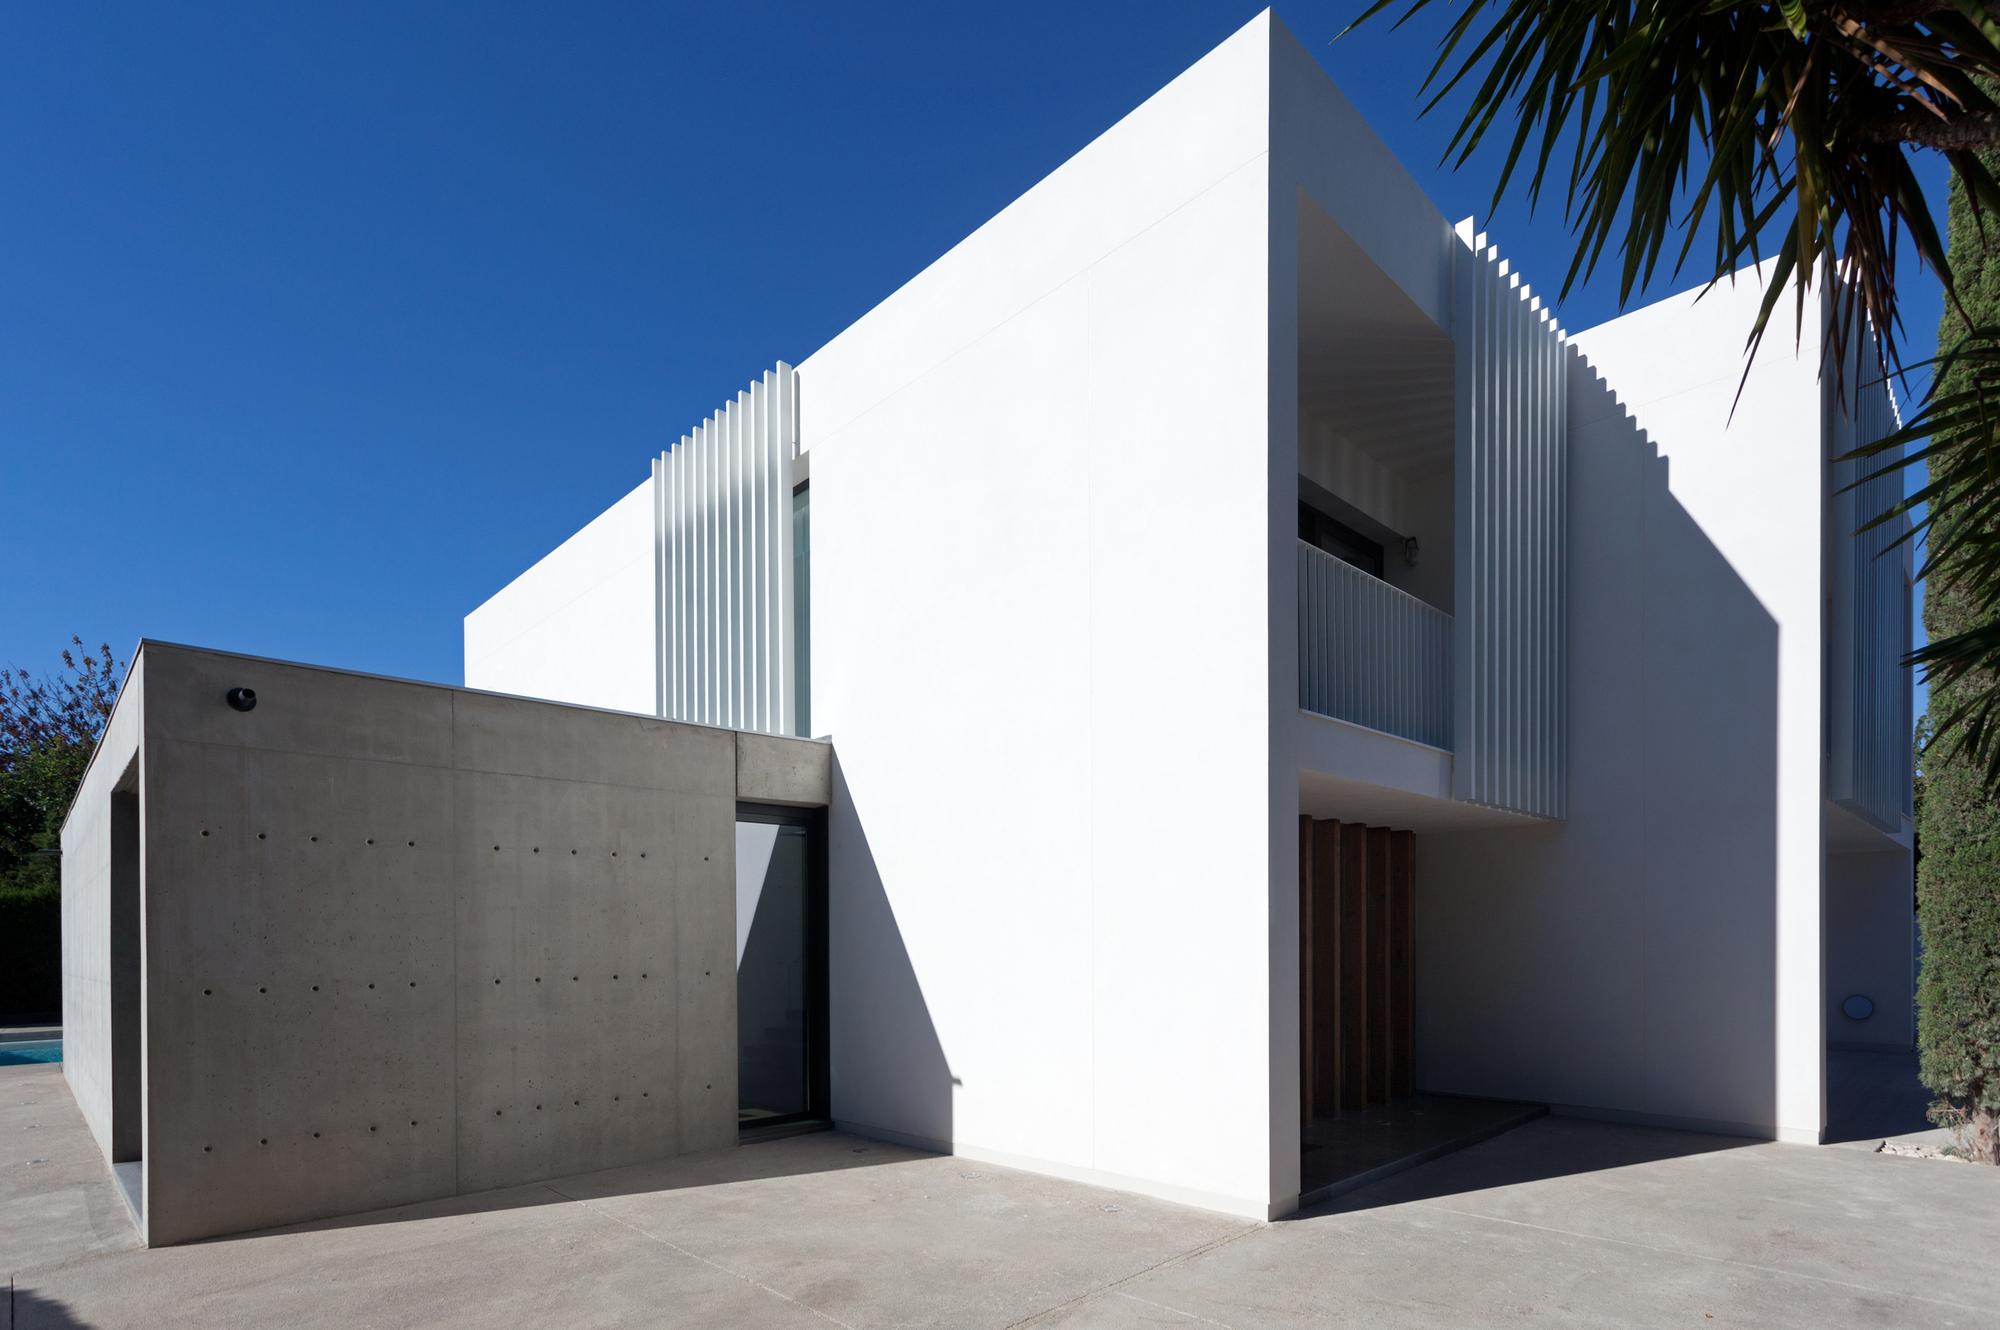 Forment house mano de santo archdaily - Muros de pladur ...